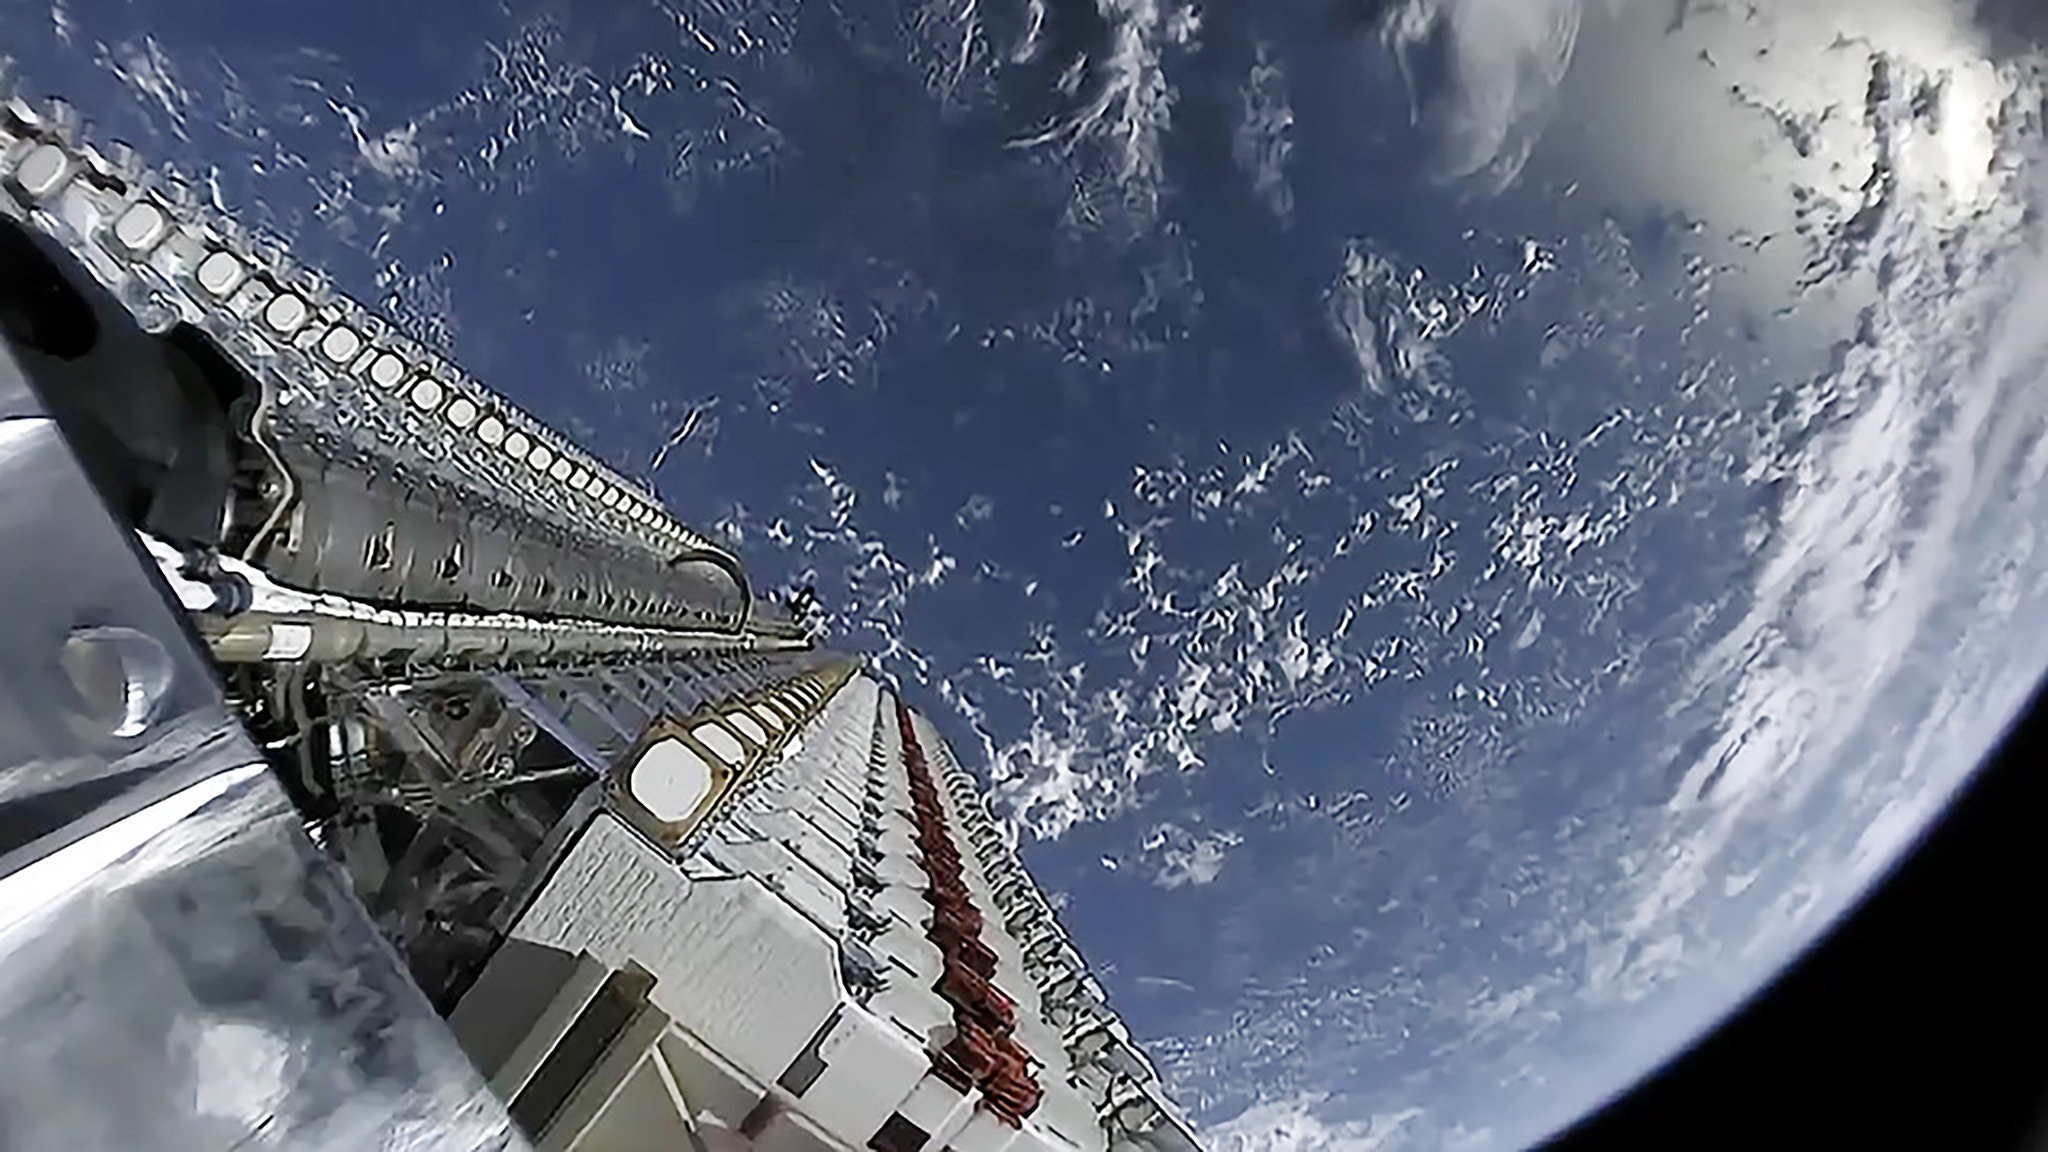 Obrázek: SpaceX dál posílá satelity do vesmíru, bude jich 42 tisíc. Co to znamená pro pozorování vesmíru?